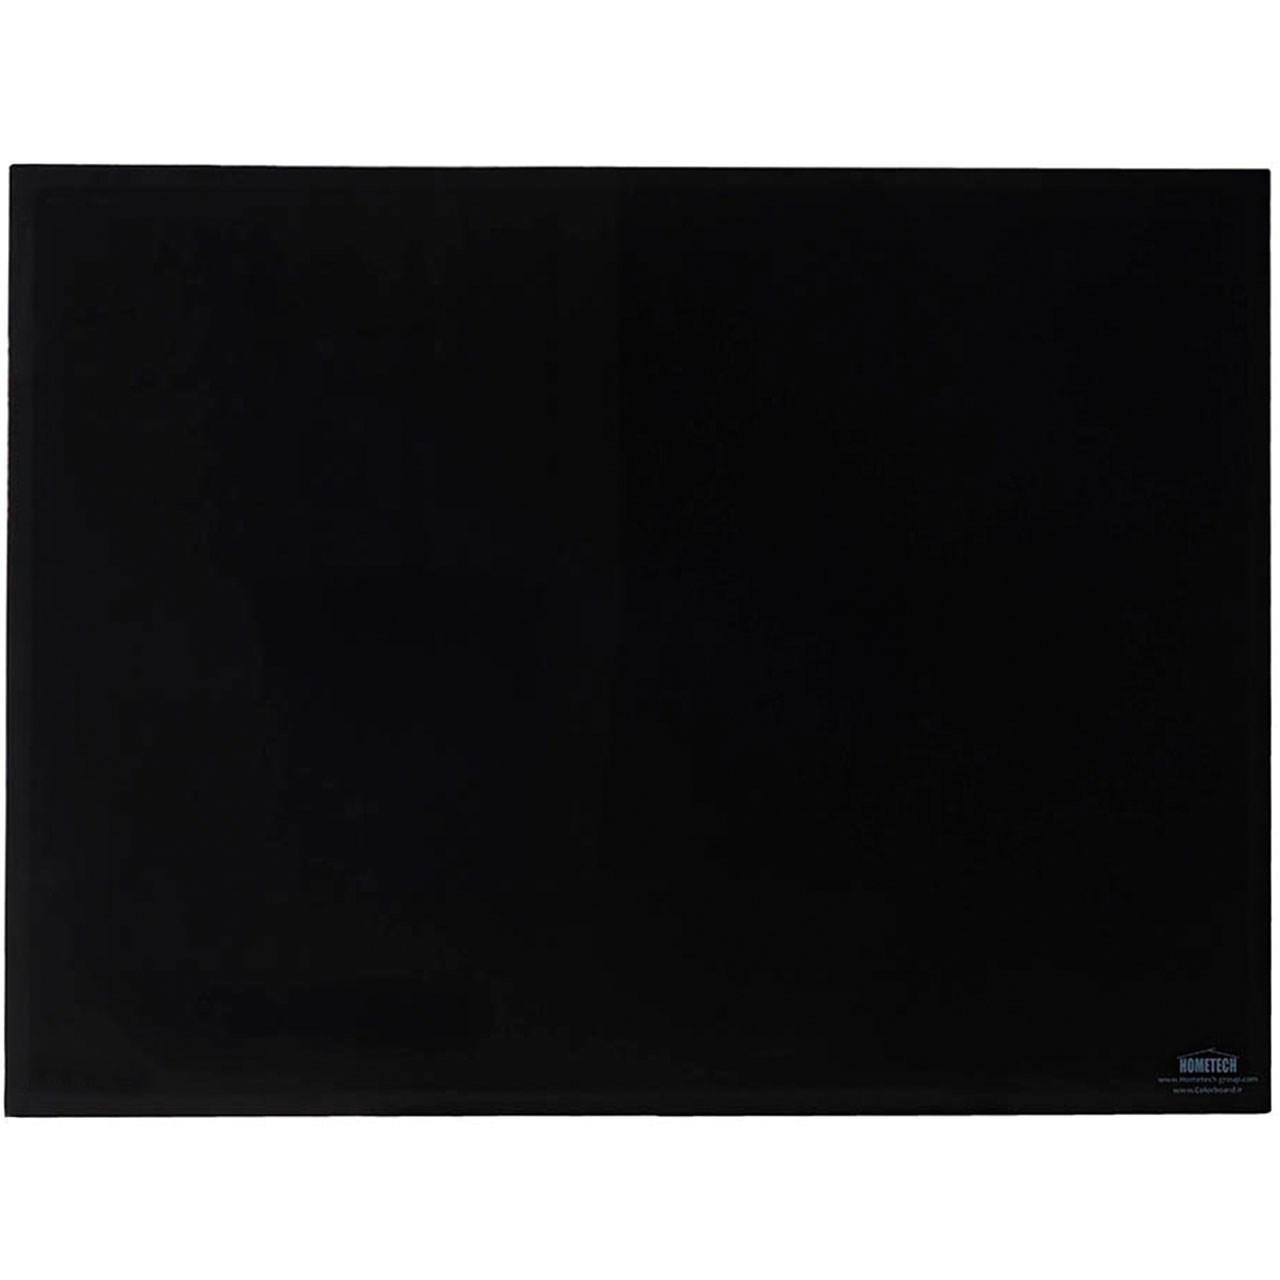 برد شیشه ای هوم تک سایز 60 × 80 سانتی متر